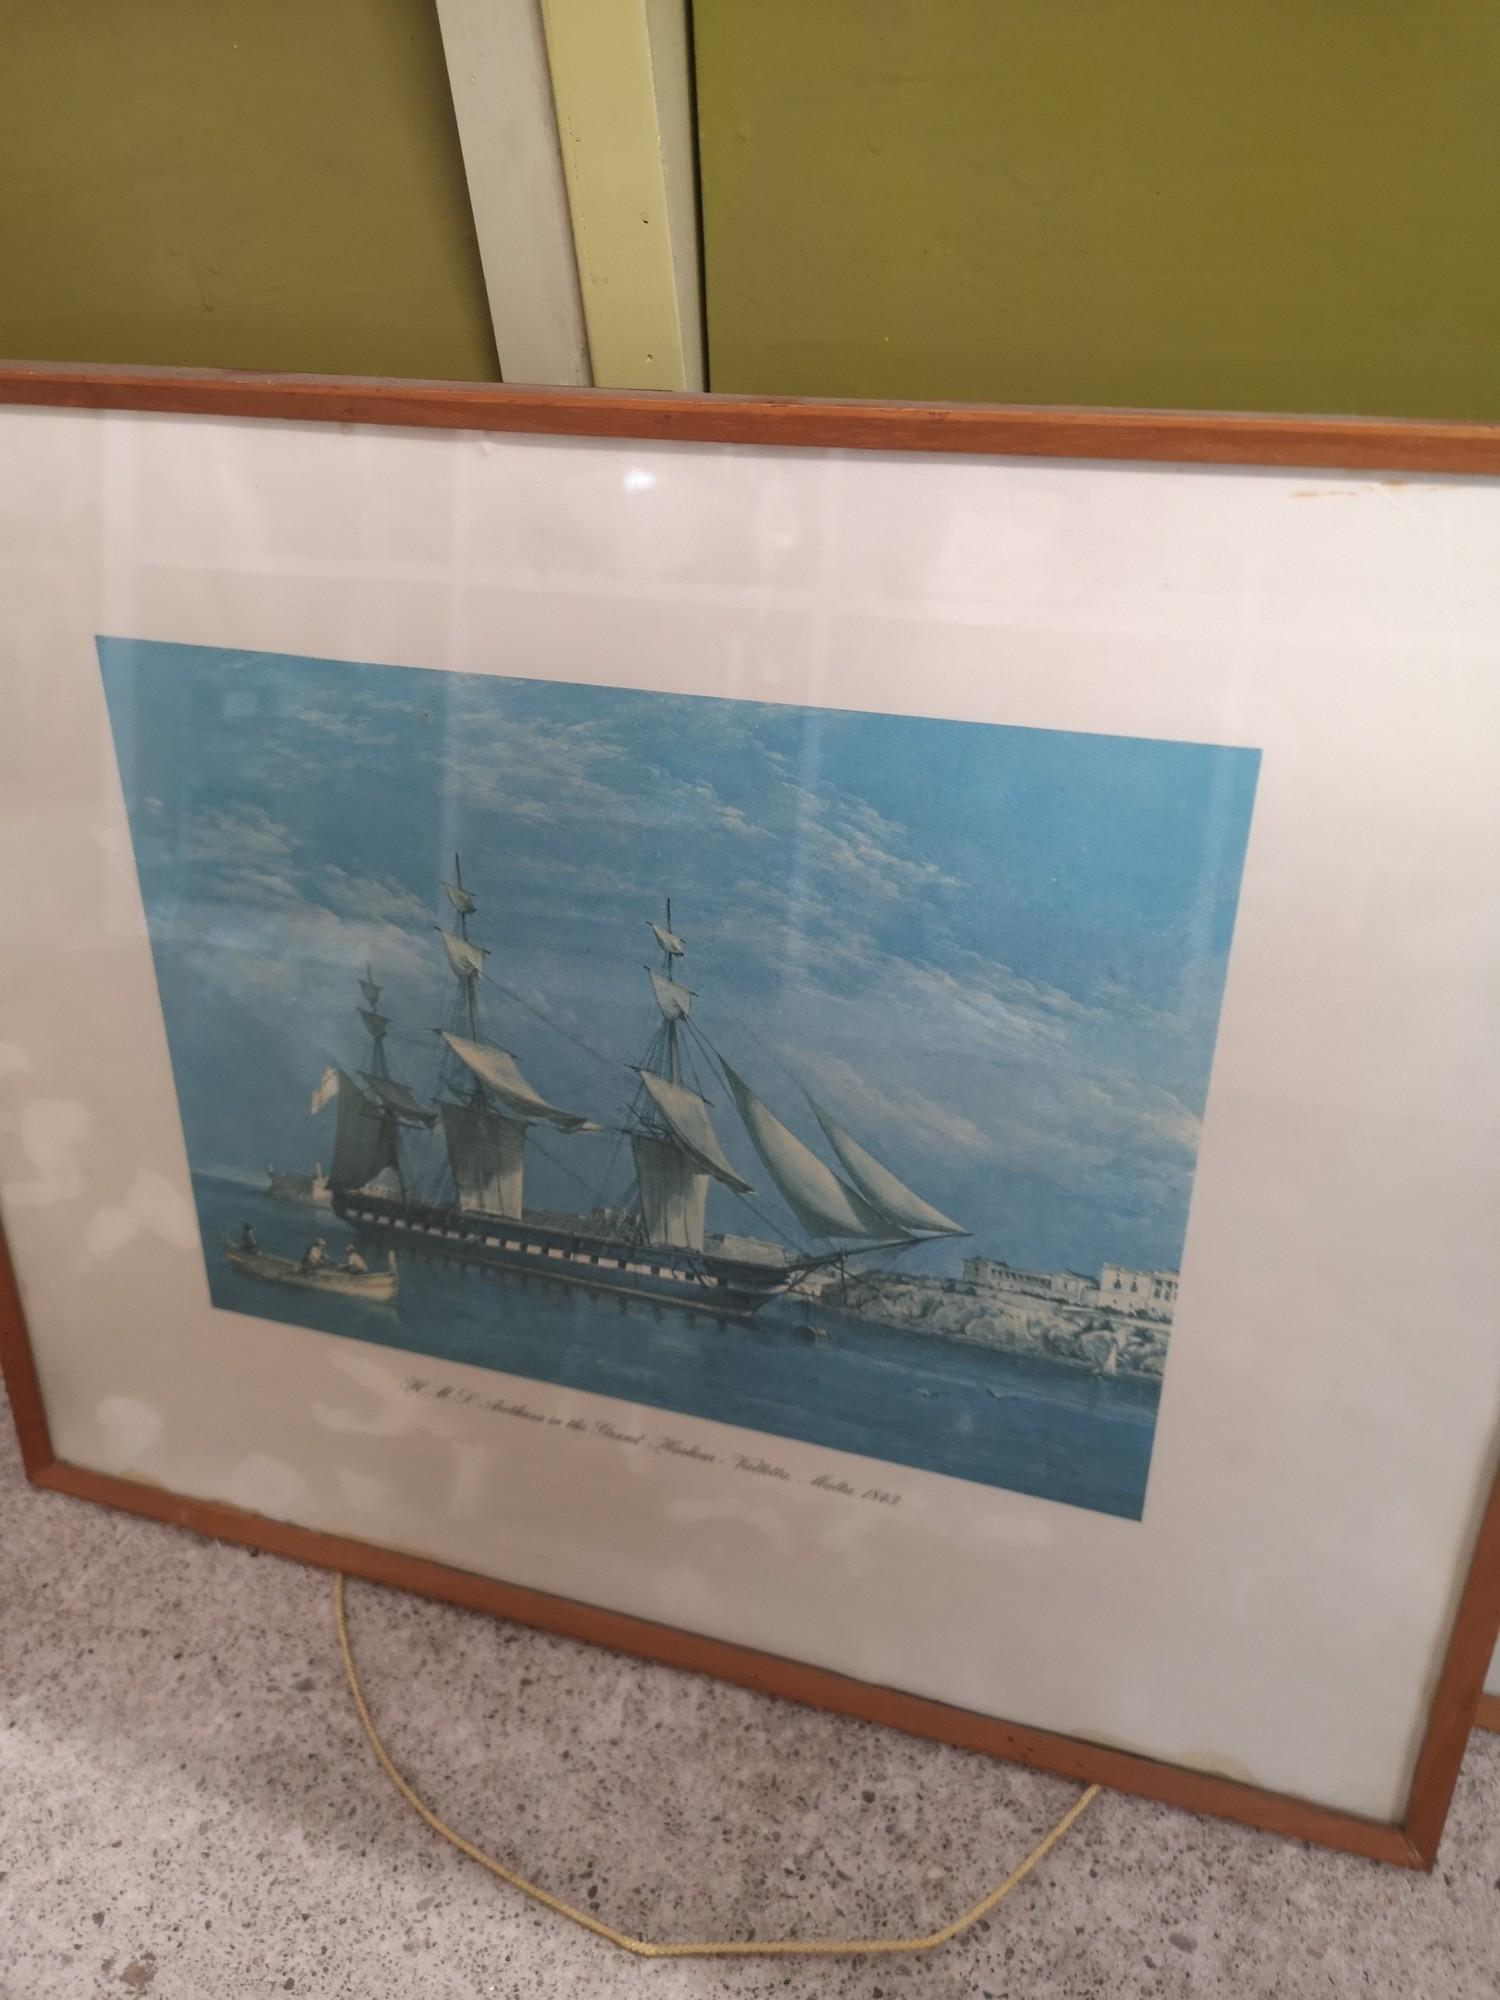 2 boat scene prints. - Image 3 of 3